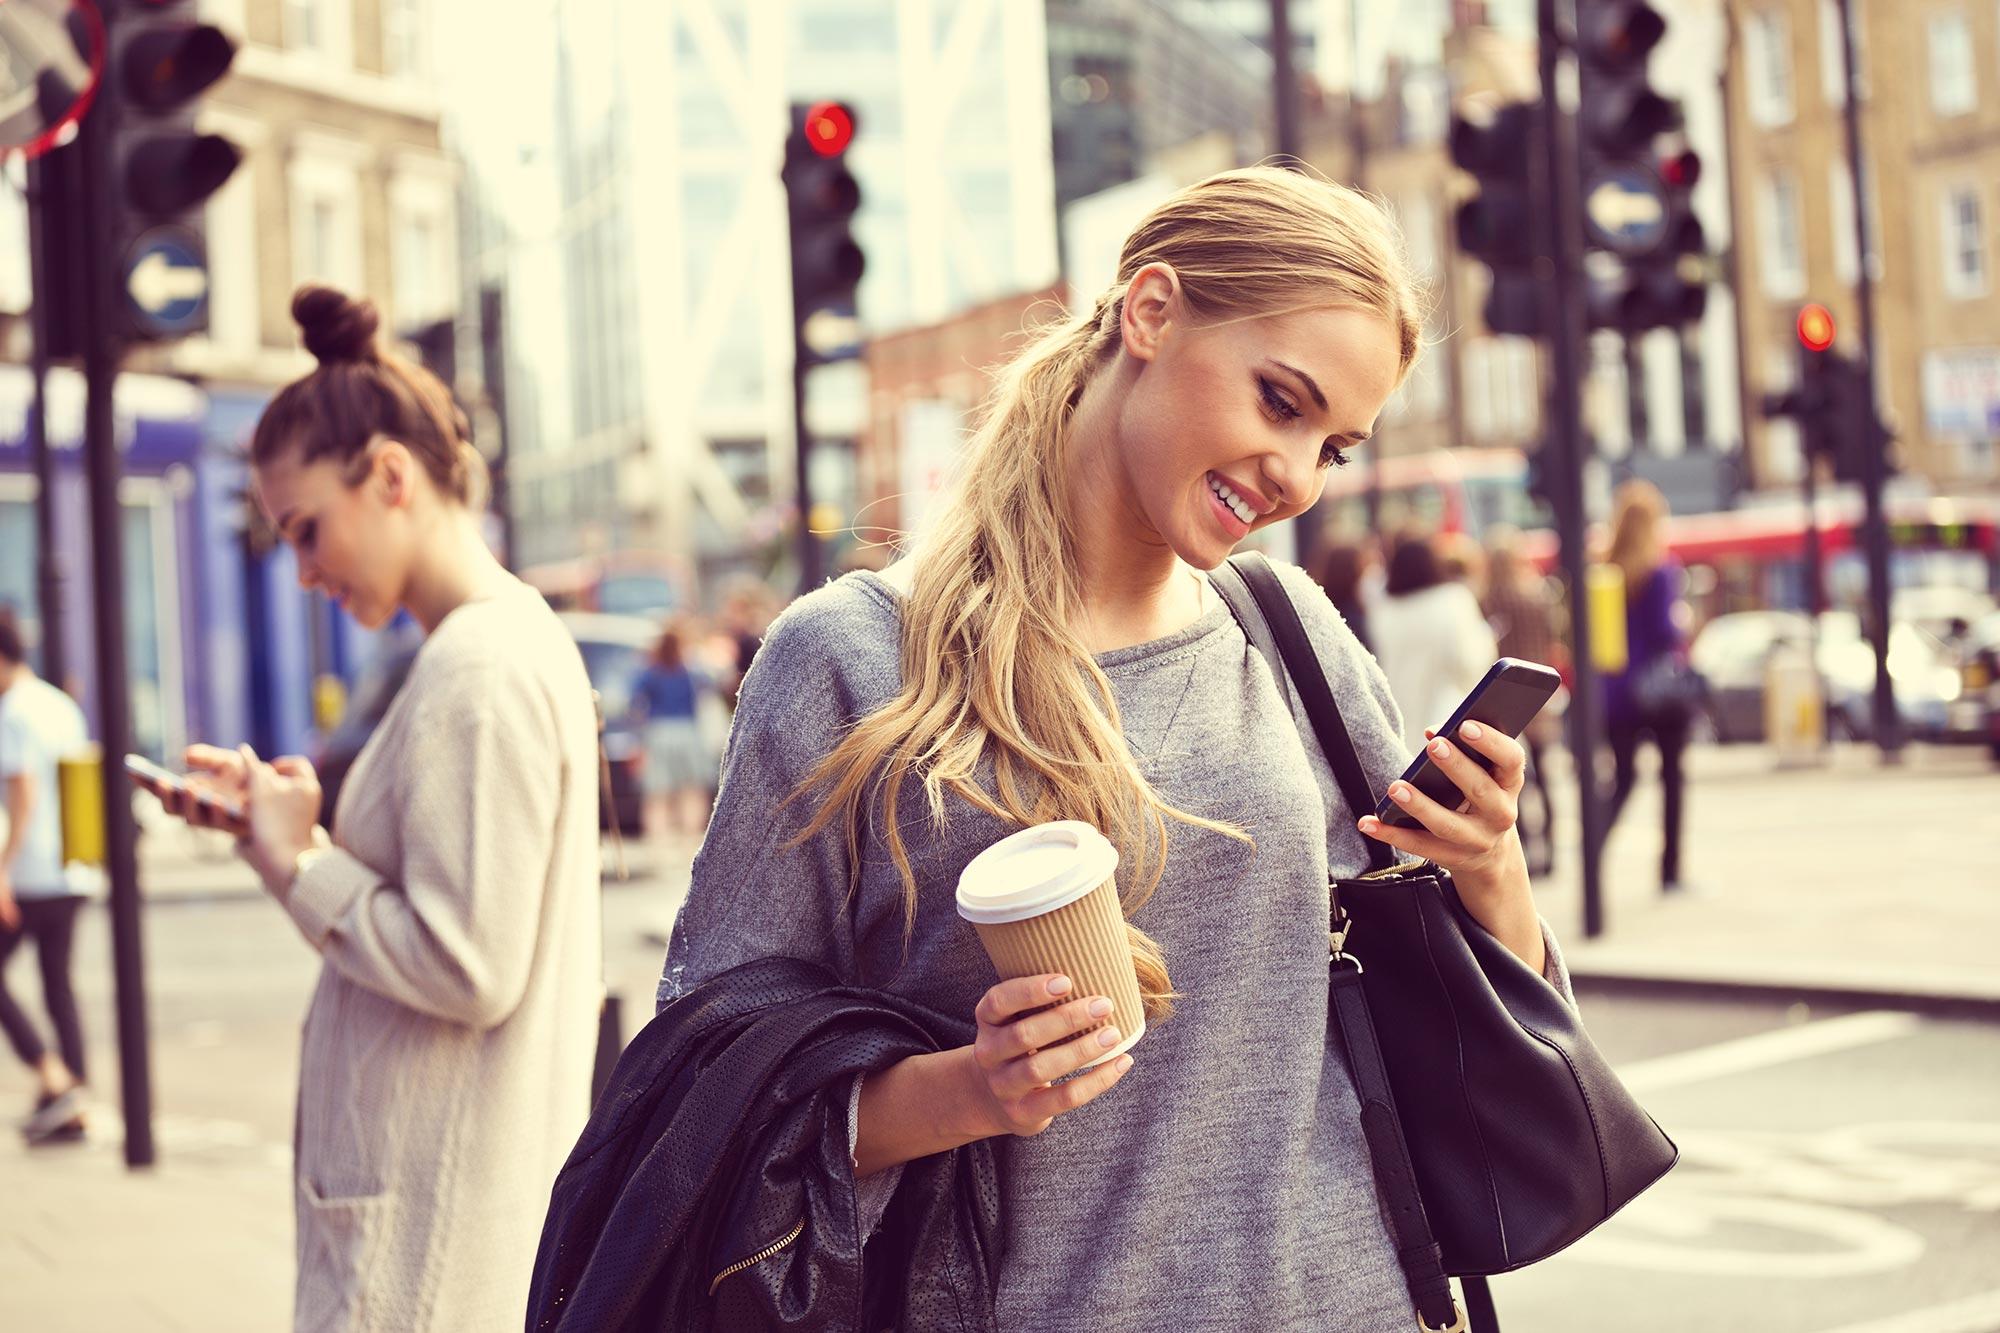 women-in-city-street-using-smartphones.jpg